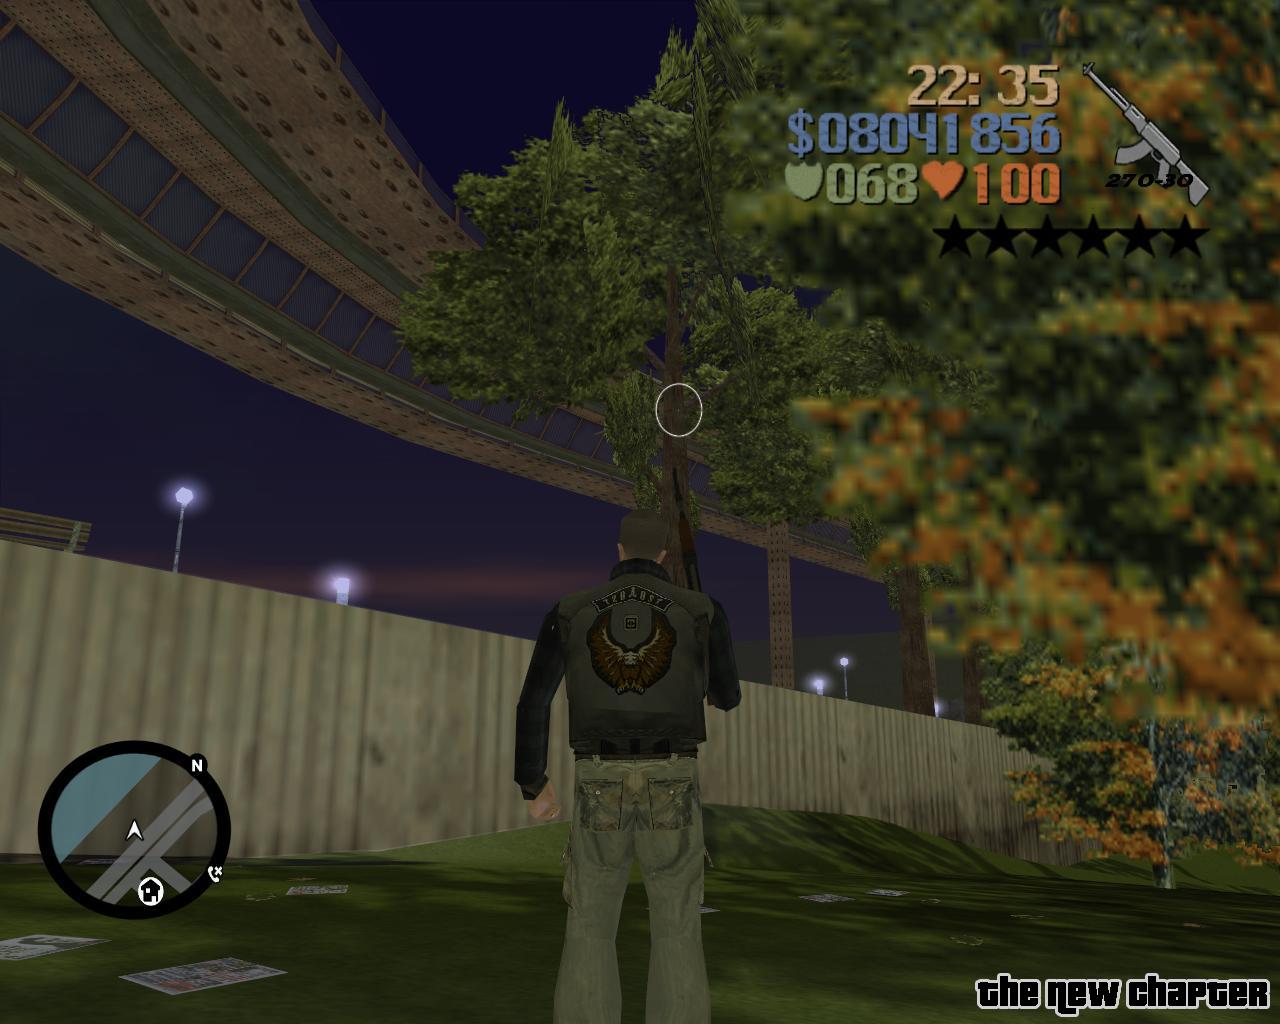 Gta 4 radar for gta3 - Grand Theft Auto 3